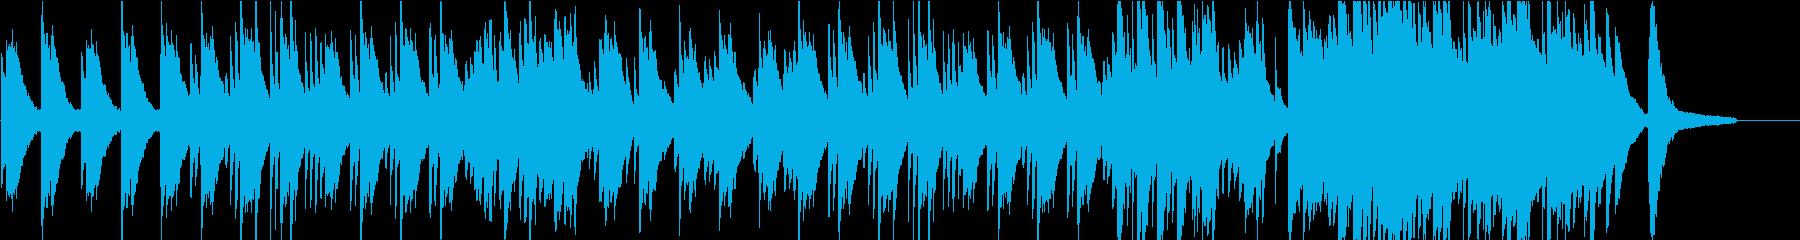 落ち着いたソロピアノのバラードの再生済みの波形